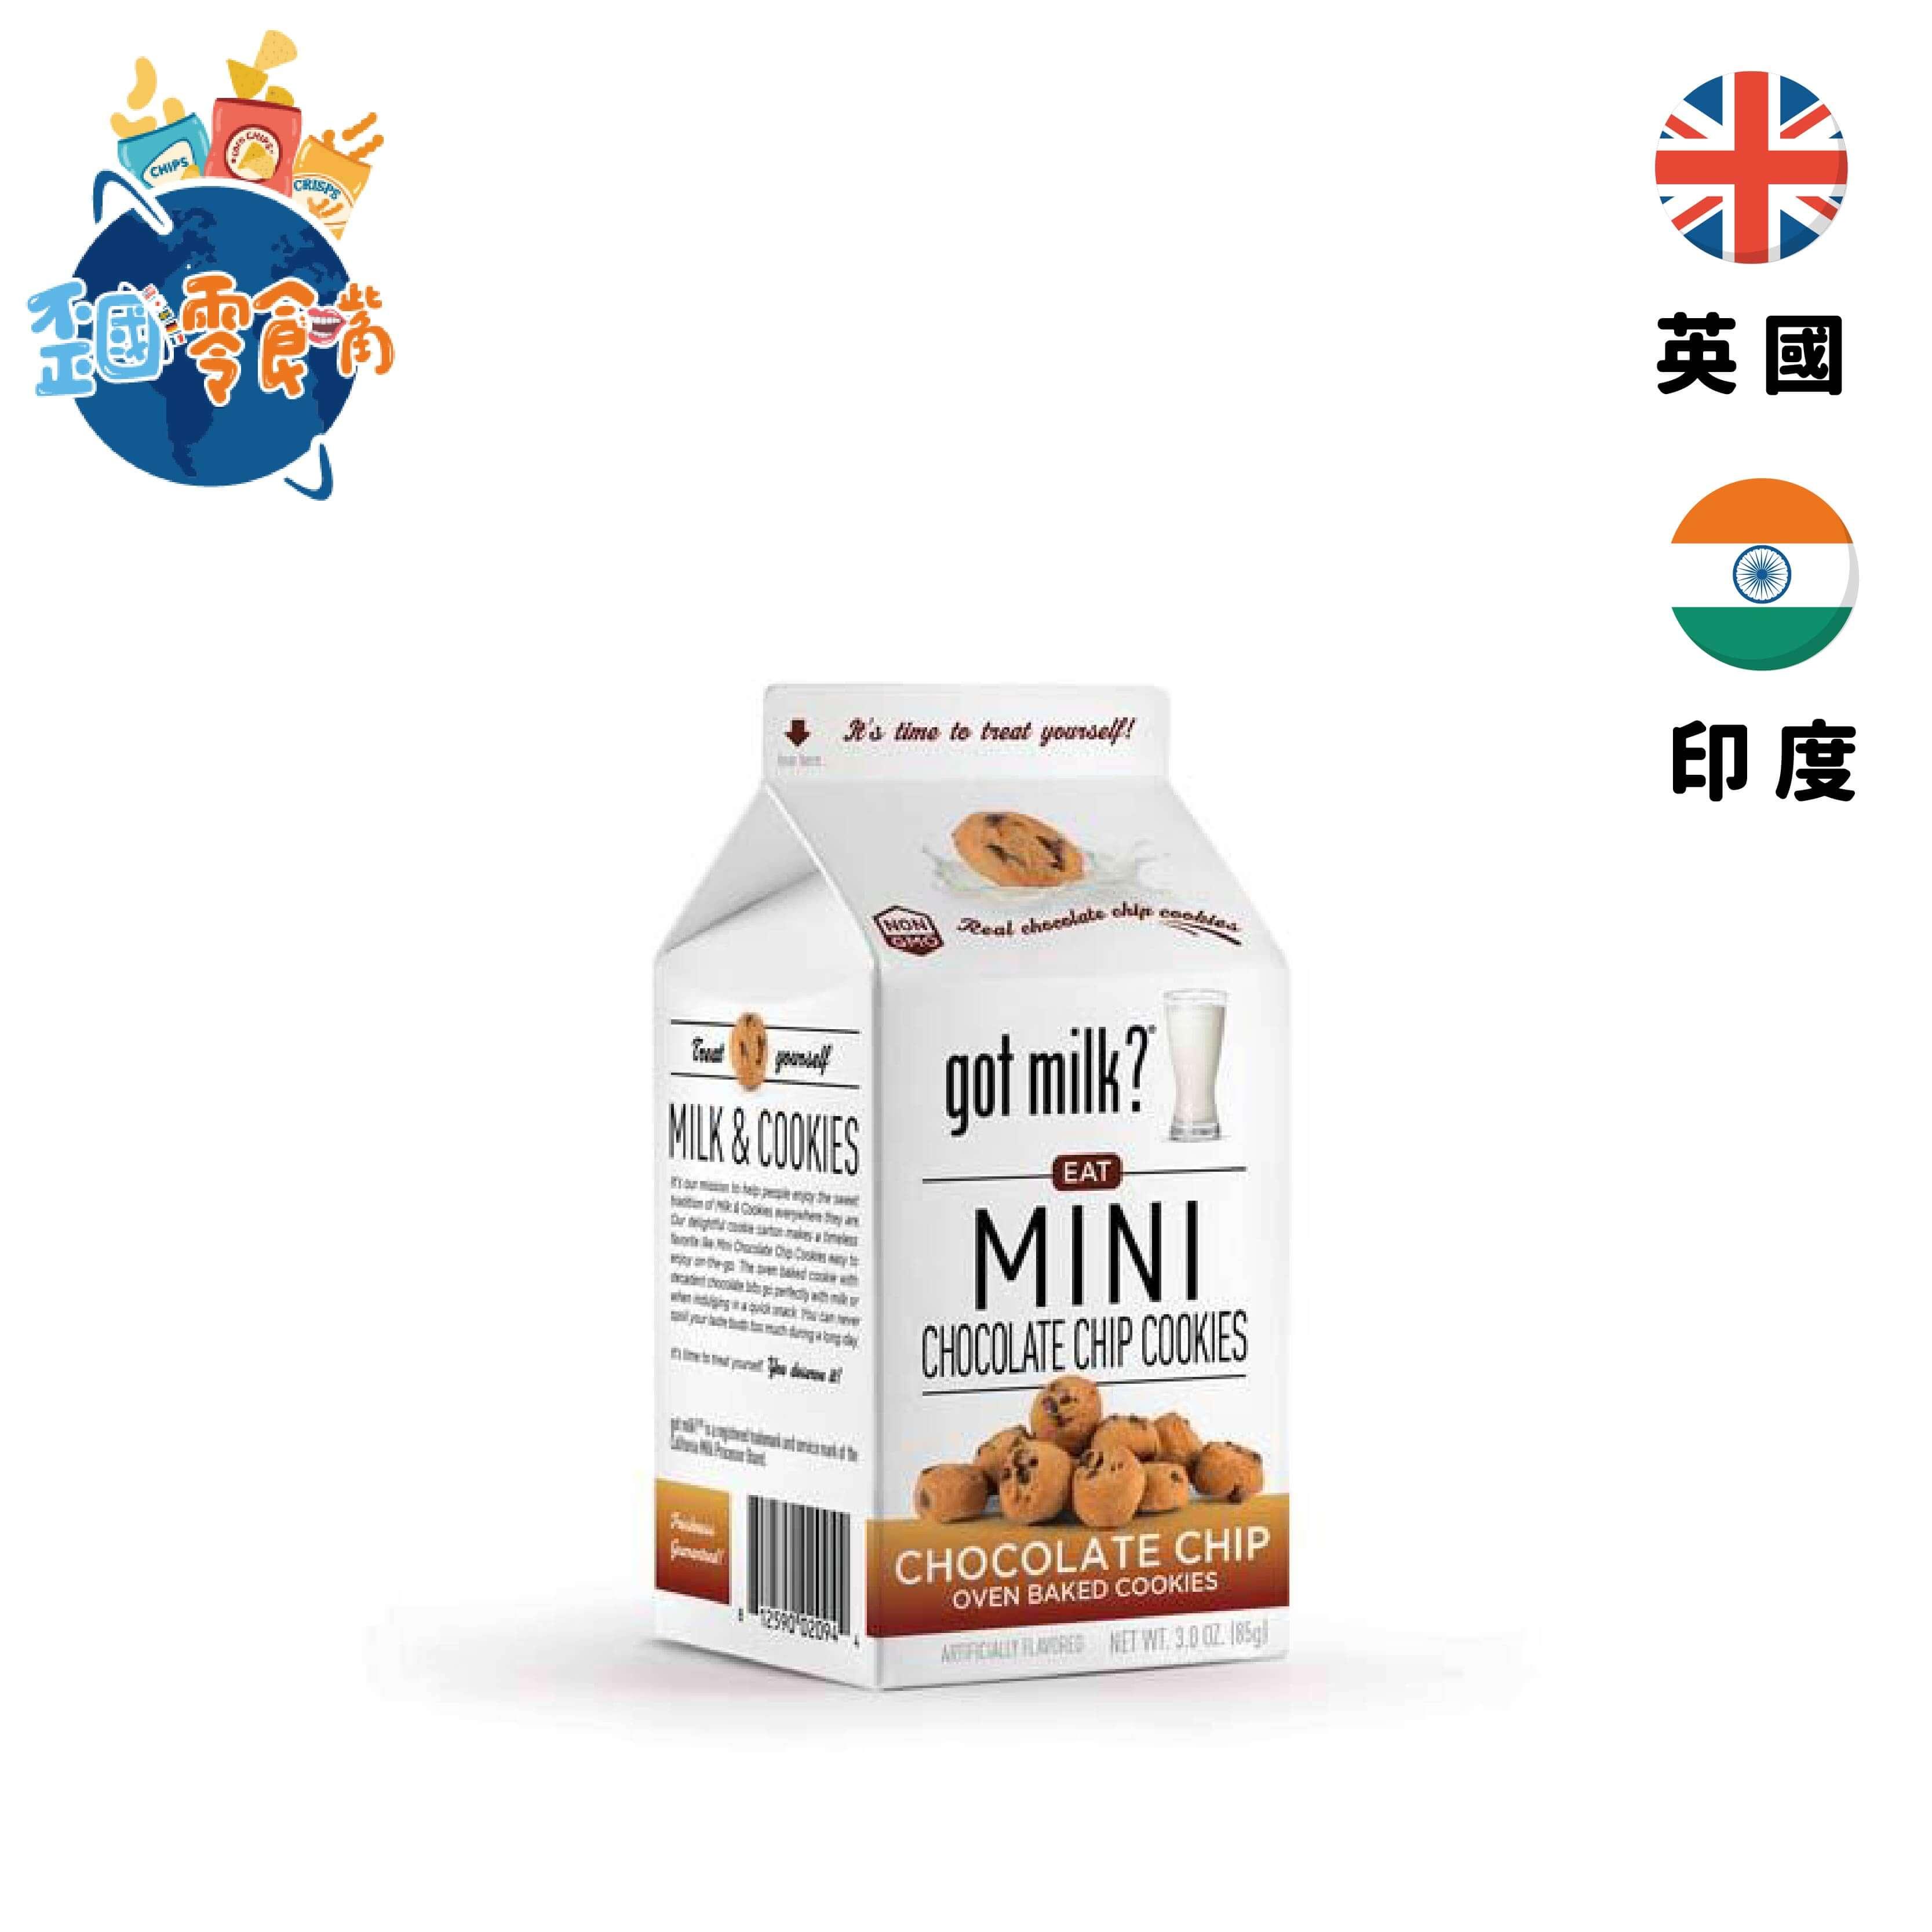 【英國/印度】Got Milk?牛奶盒迷你巧克力脆片餅乾85g(效期至:2021/08/13)